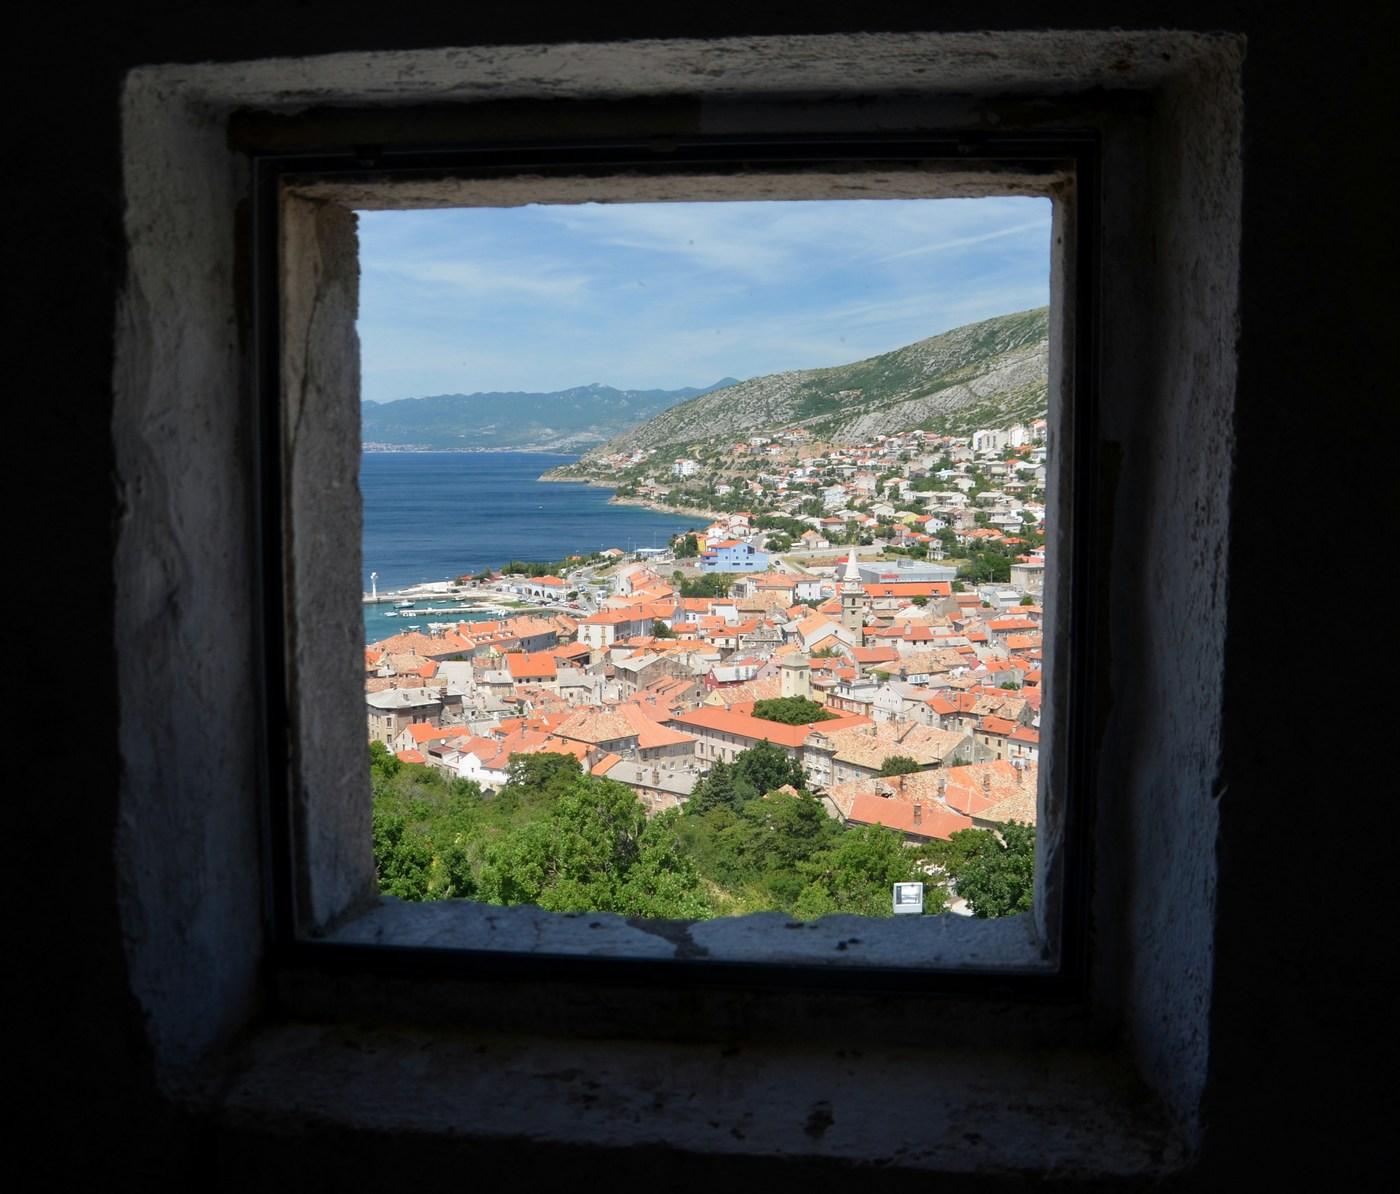 Senj, pogled skozi okno trdnjave.